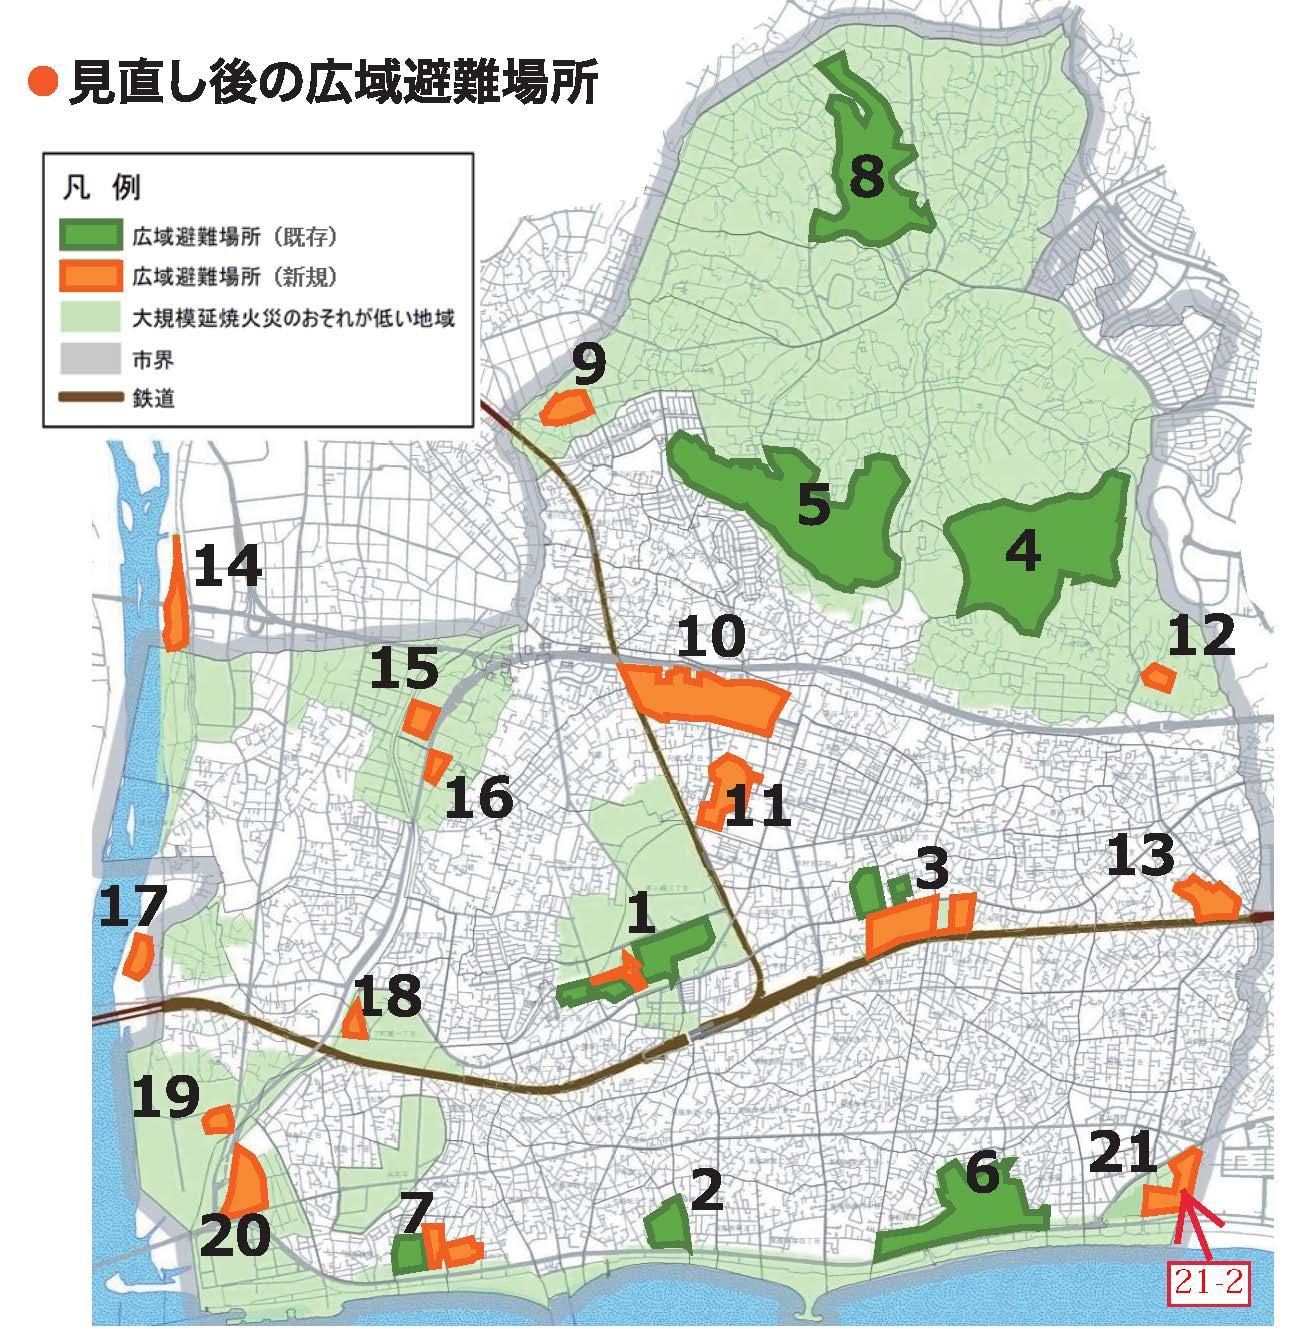 21-2.広域避難場所_茅ヶ崎市地図